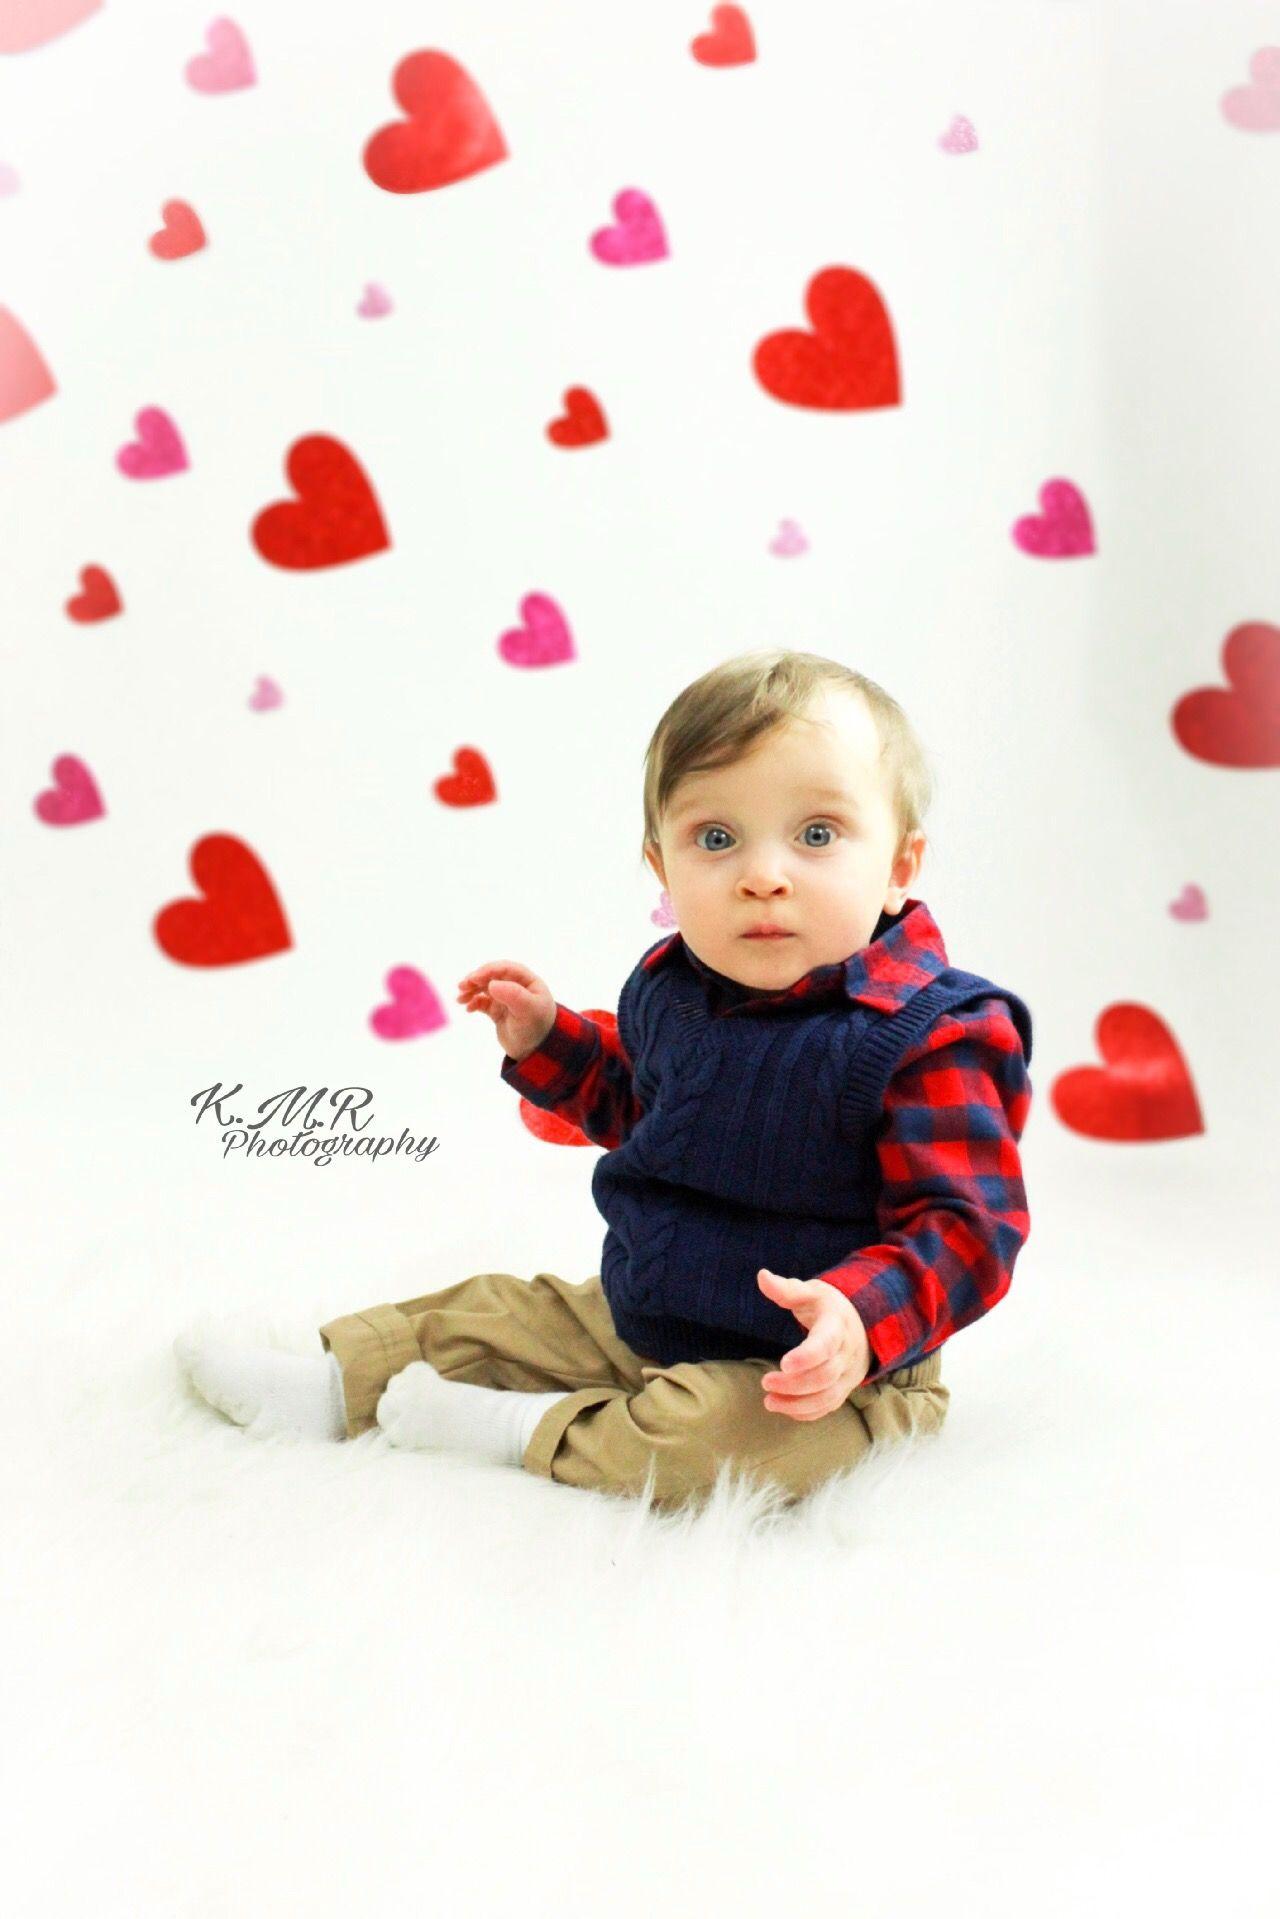 Valentine's day photoshoot   Valentine, Photoshoot, Baby face